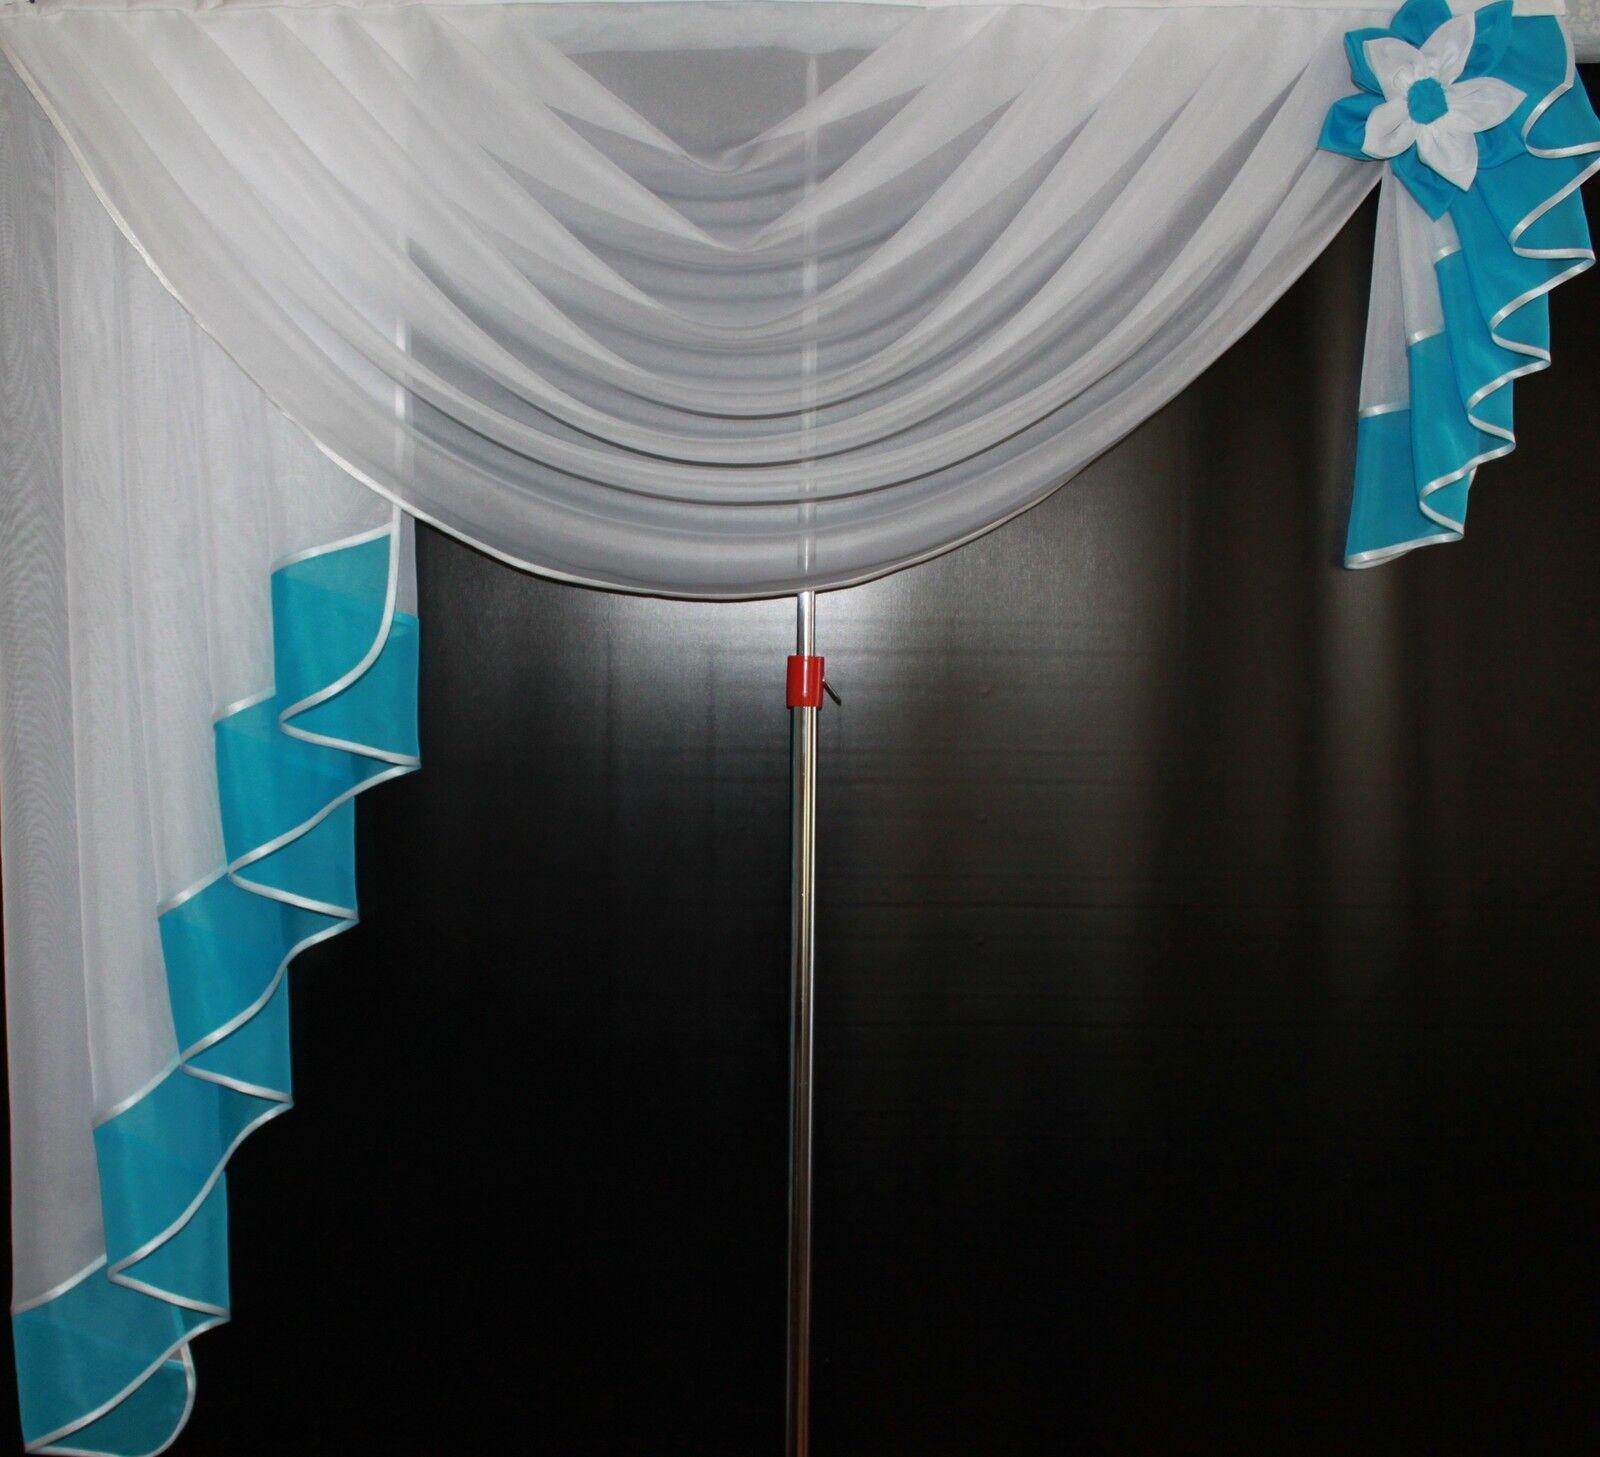 Deko - Gardine, Store, Vorhang in der der der Farbe  weiss   türkis | Schön  75aea9